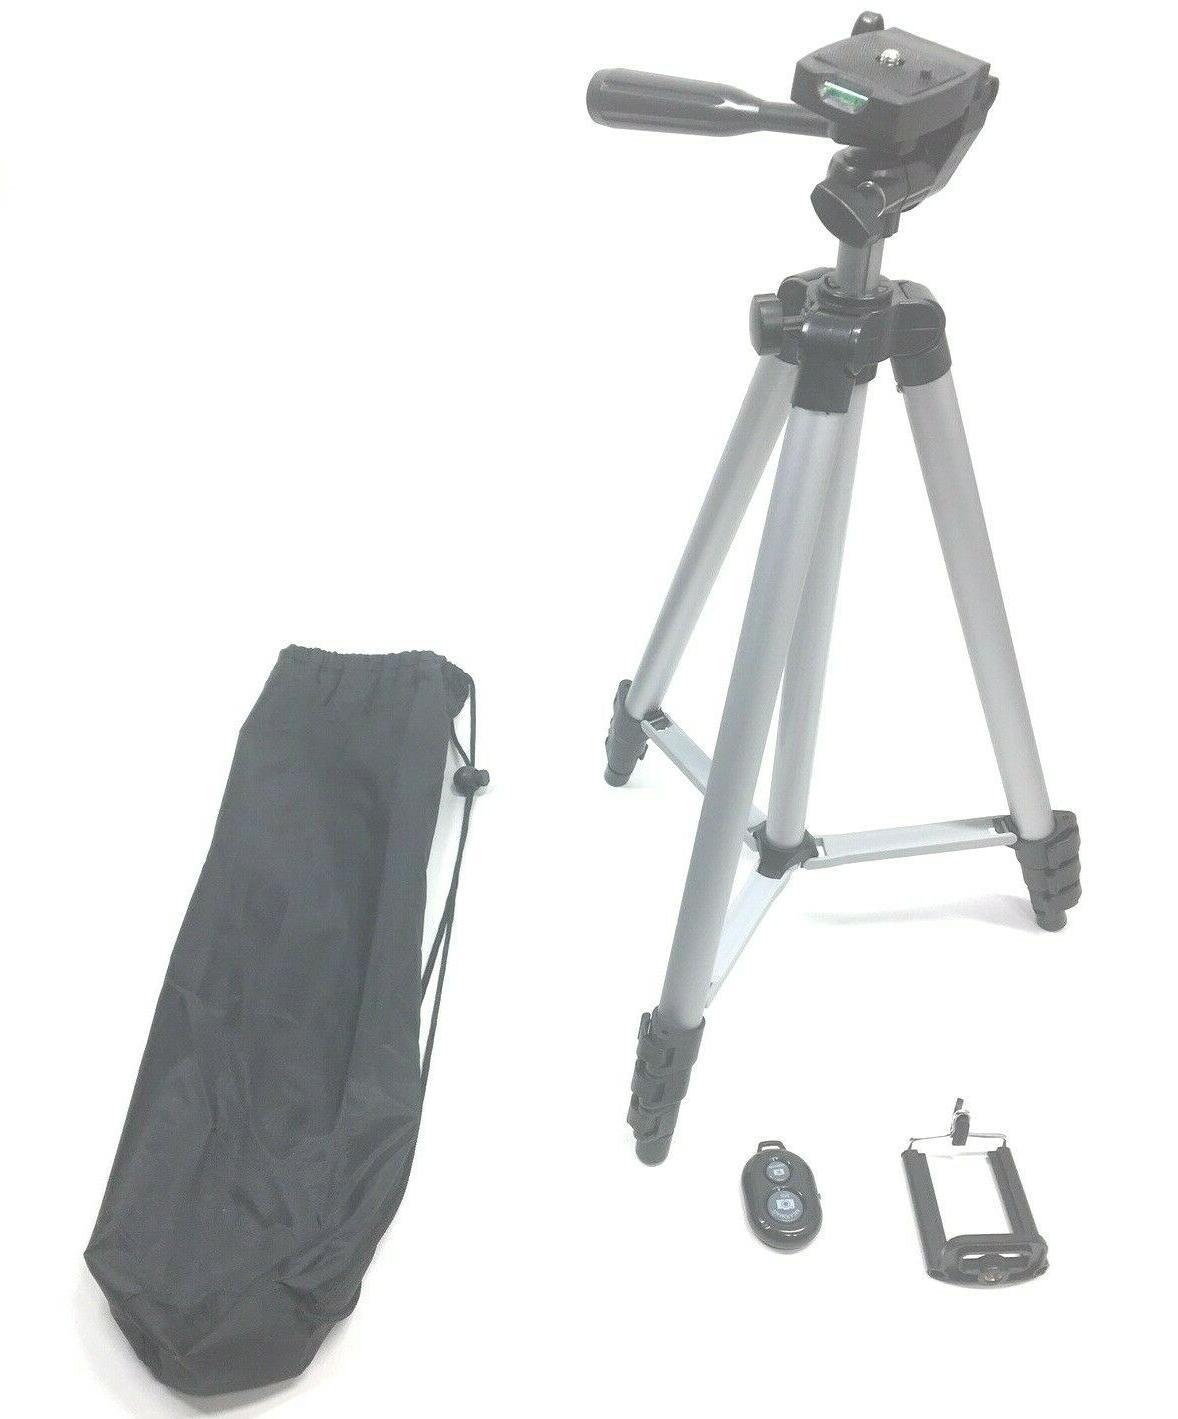 Eocean Video Camera Remote